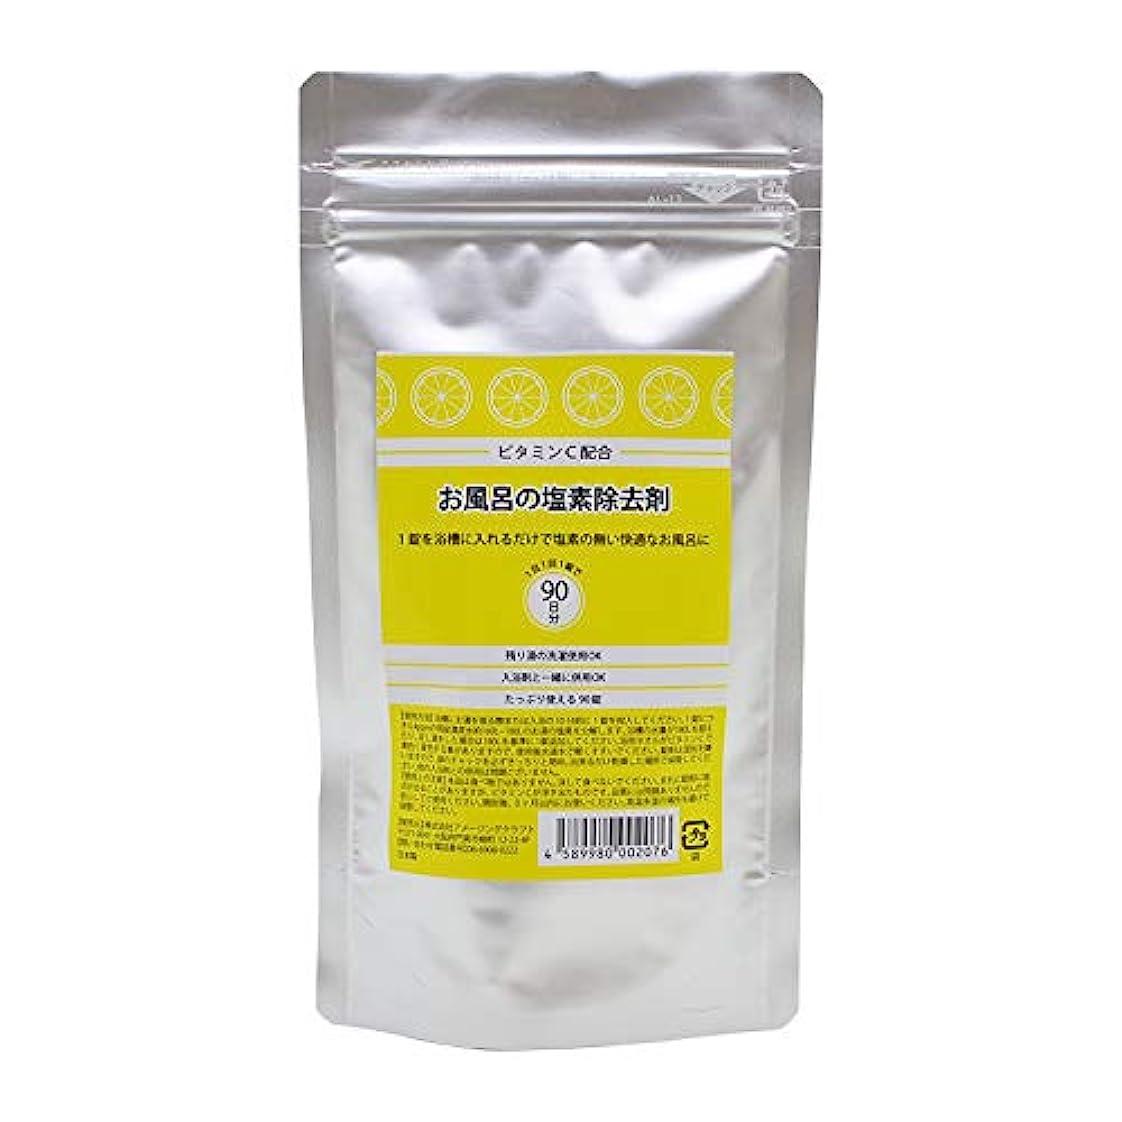 ジャグリングフェローシップ静的ビタミンC配合 お風呂の塩素除去剤 錠剤タイプ 90錠 浴槽用脱塩素剤